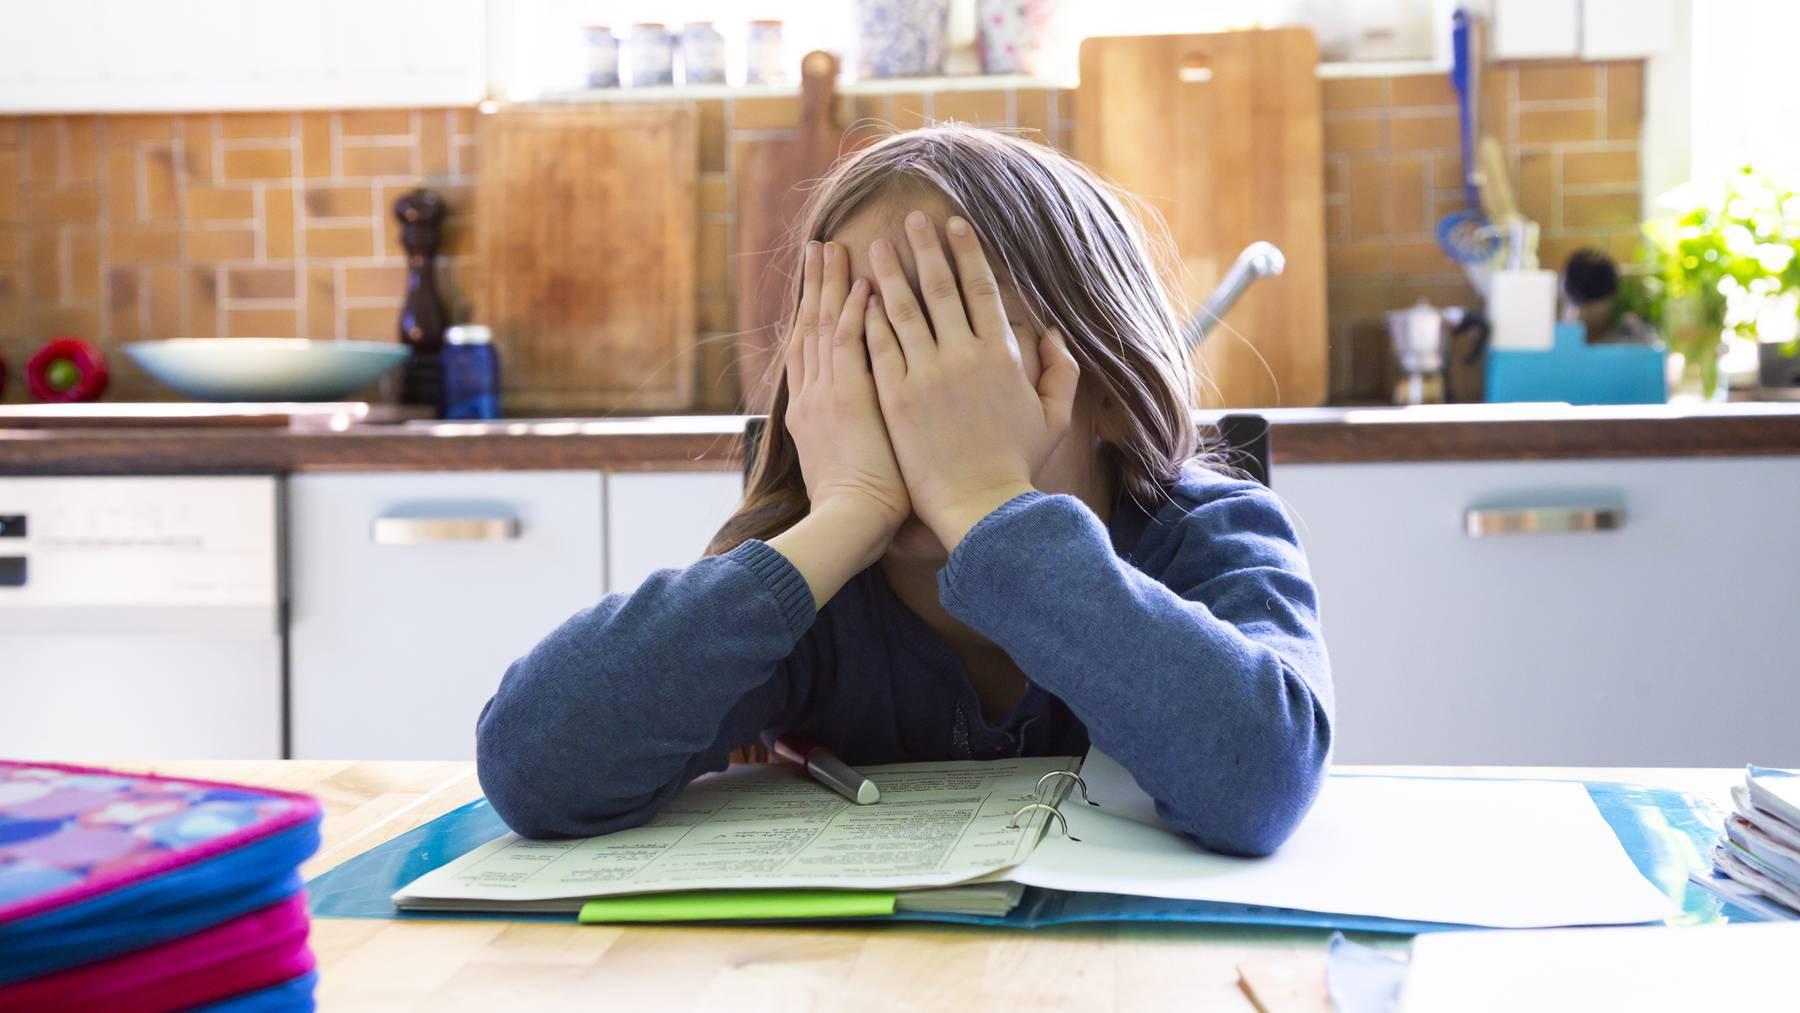 Plötzlich geht nichts mehr: Kinder in Krisensituationen würden schnelle Hilfe brauchen, bekommen sie aber nicht.